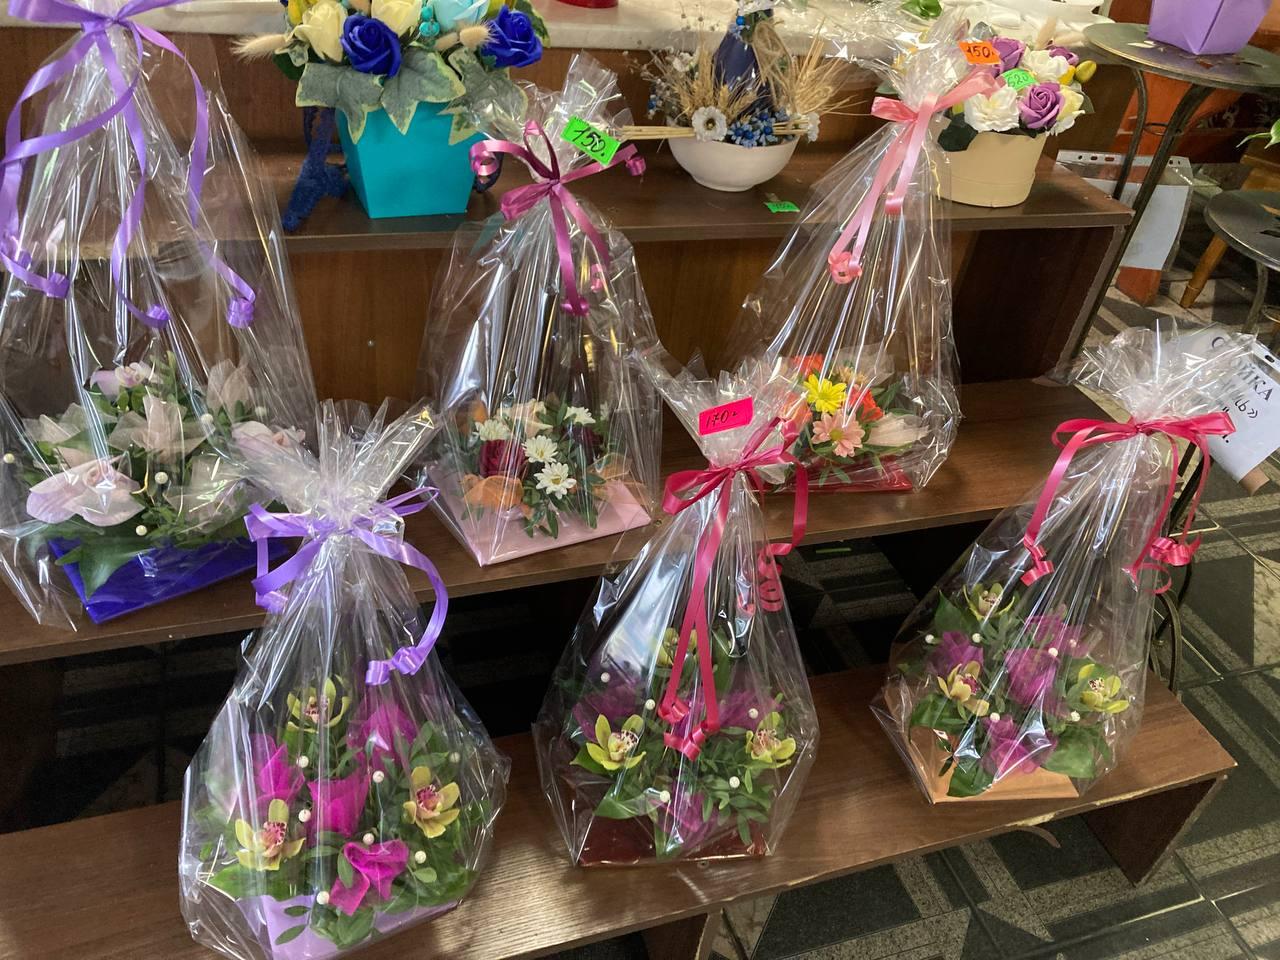 Київщина іn love: що найчастіше дарують коханим у 2021 році - ціни, подарунки, День Святого Валентина, День всіх закоханих - photo5280903118294463034